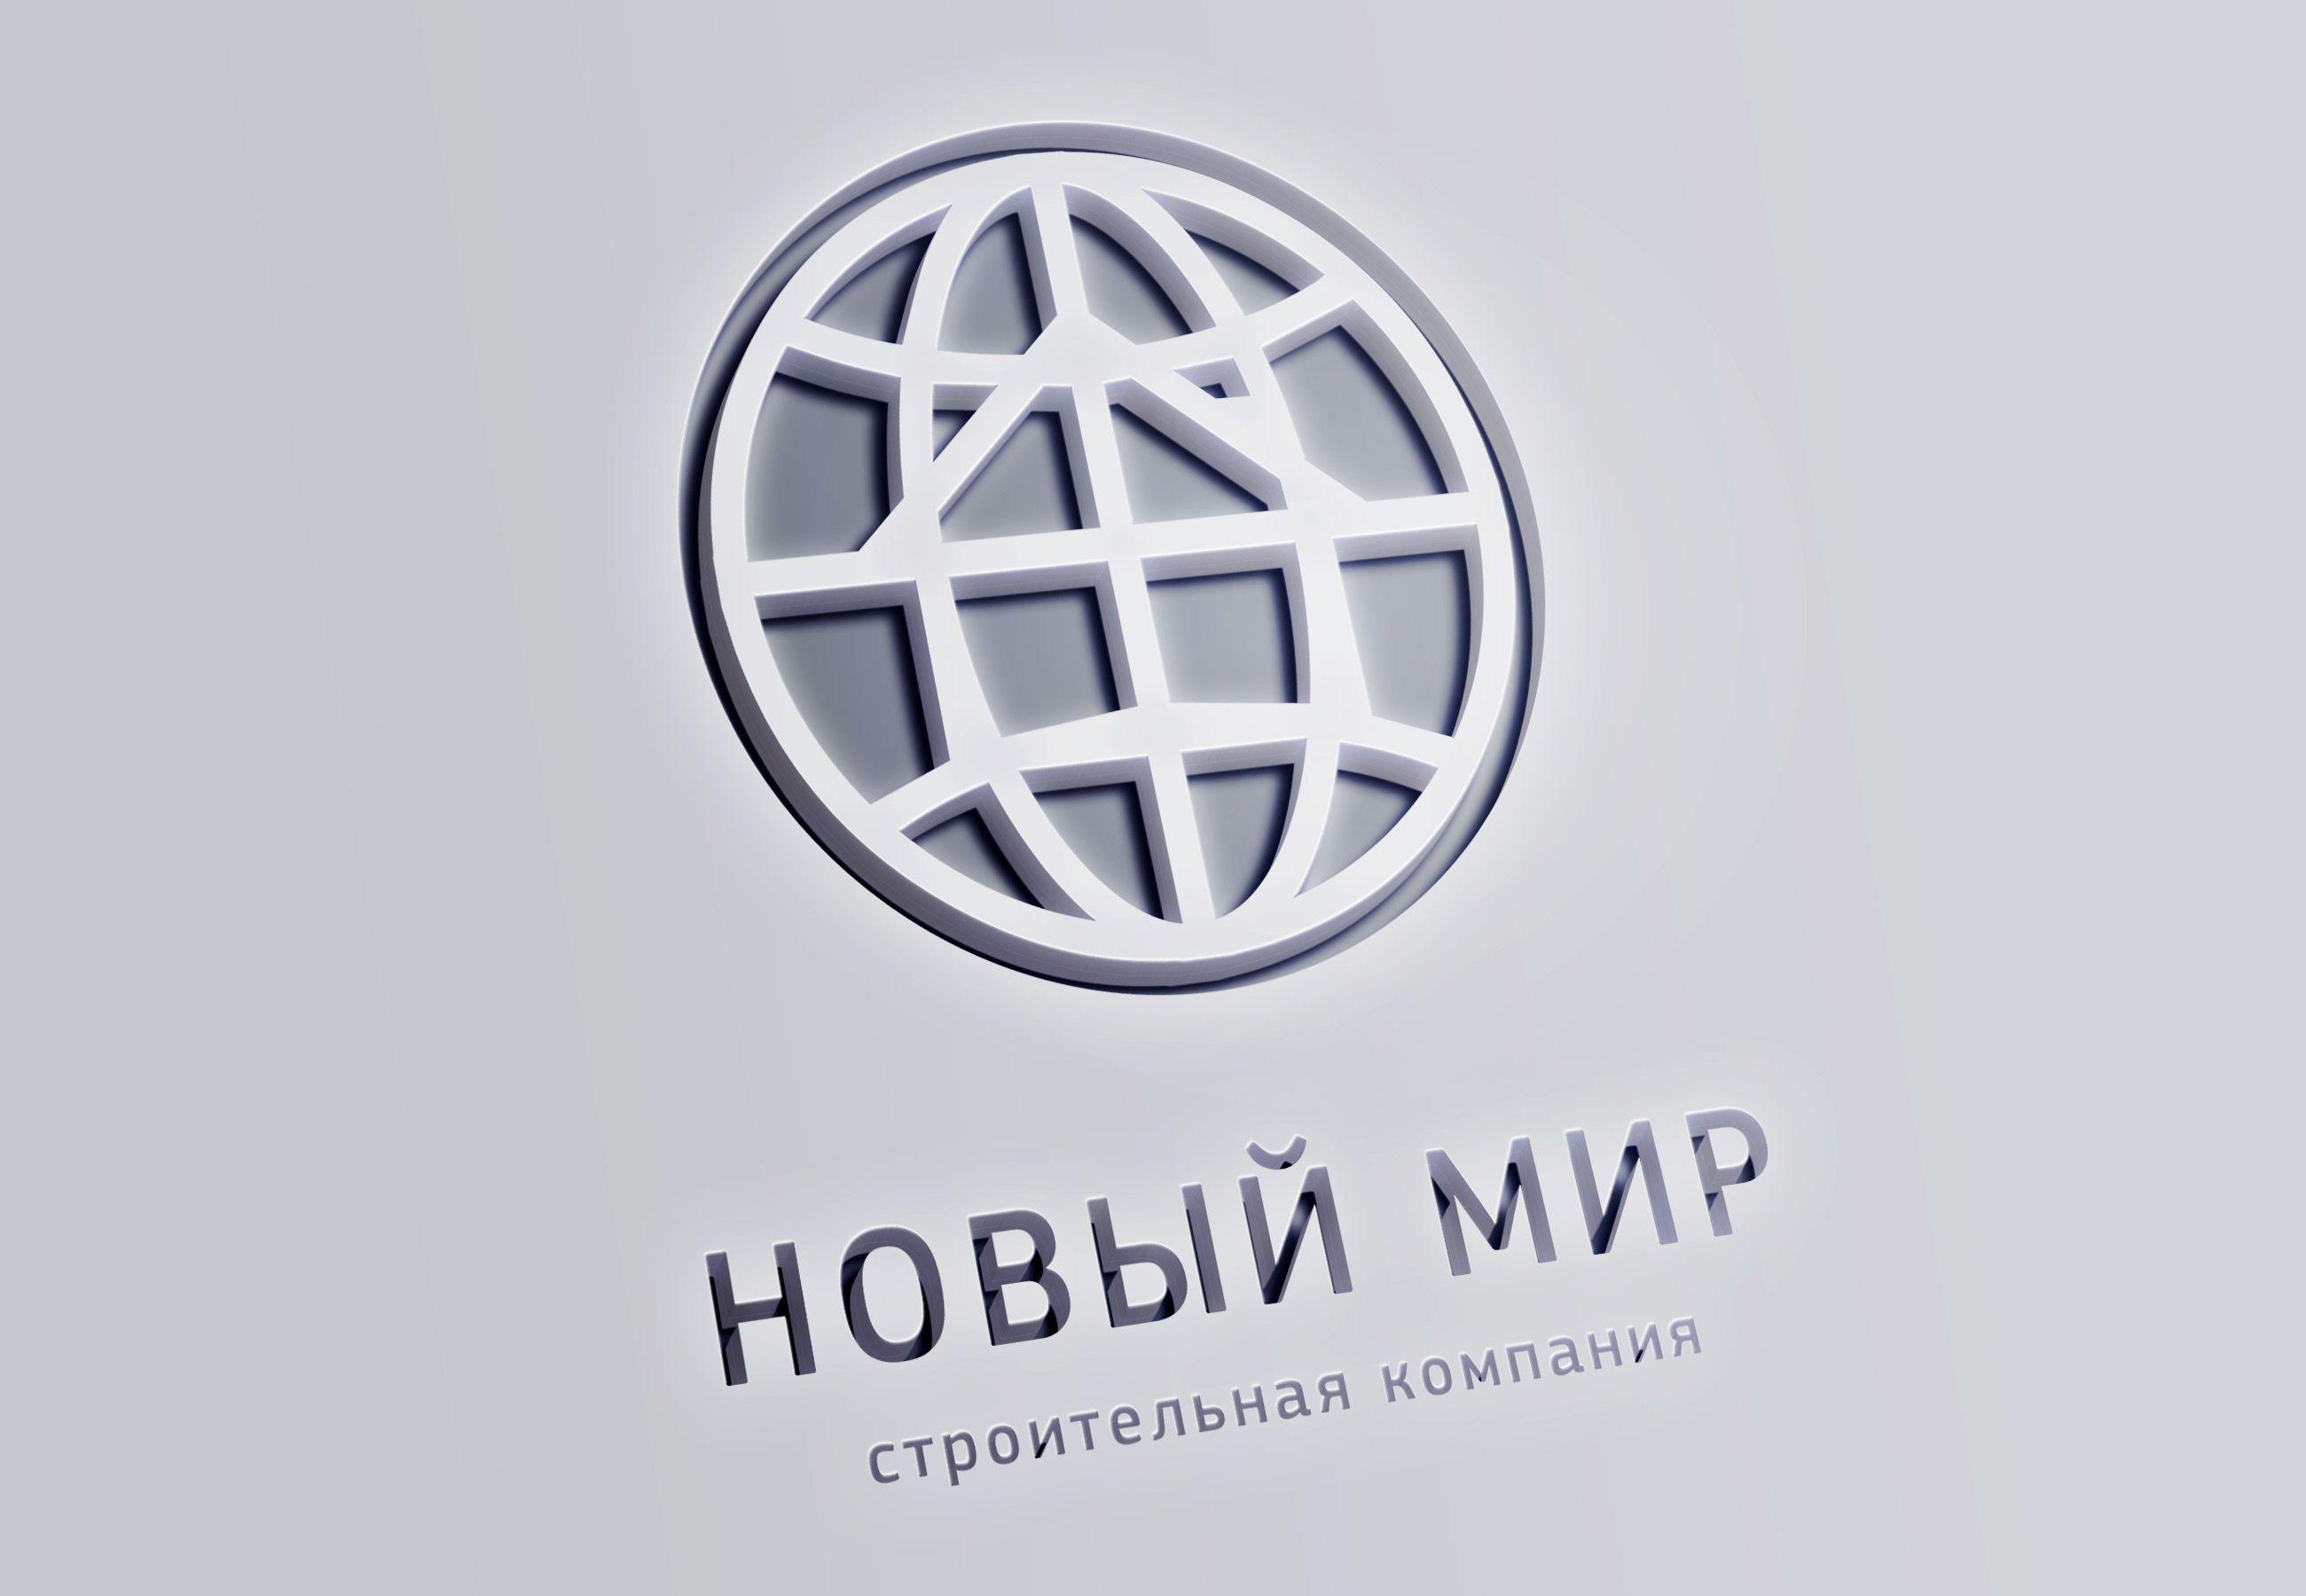 Логотип для строительной компании - дизайнер kizimmaxim